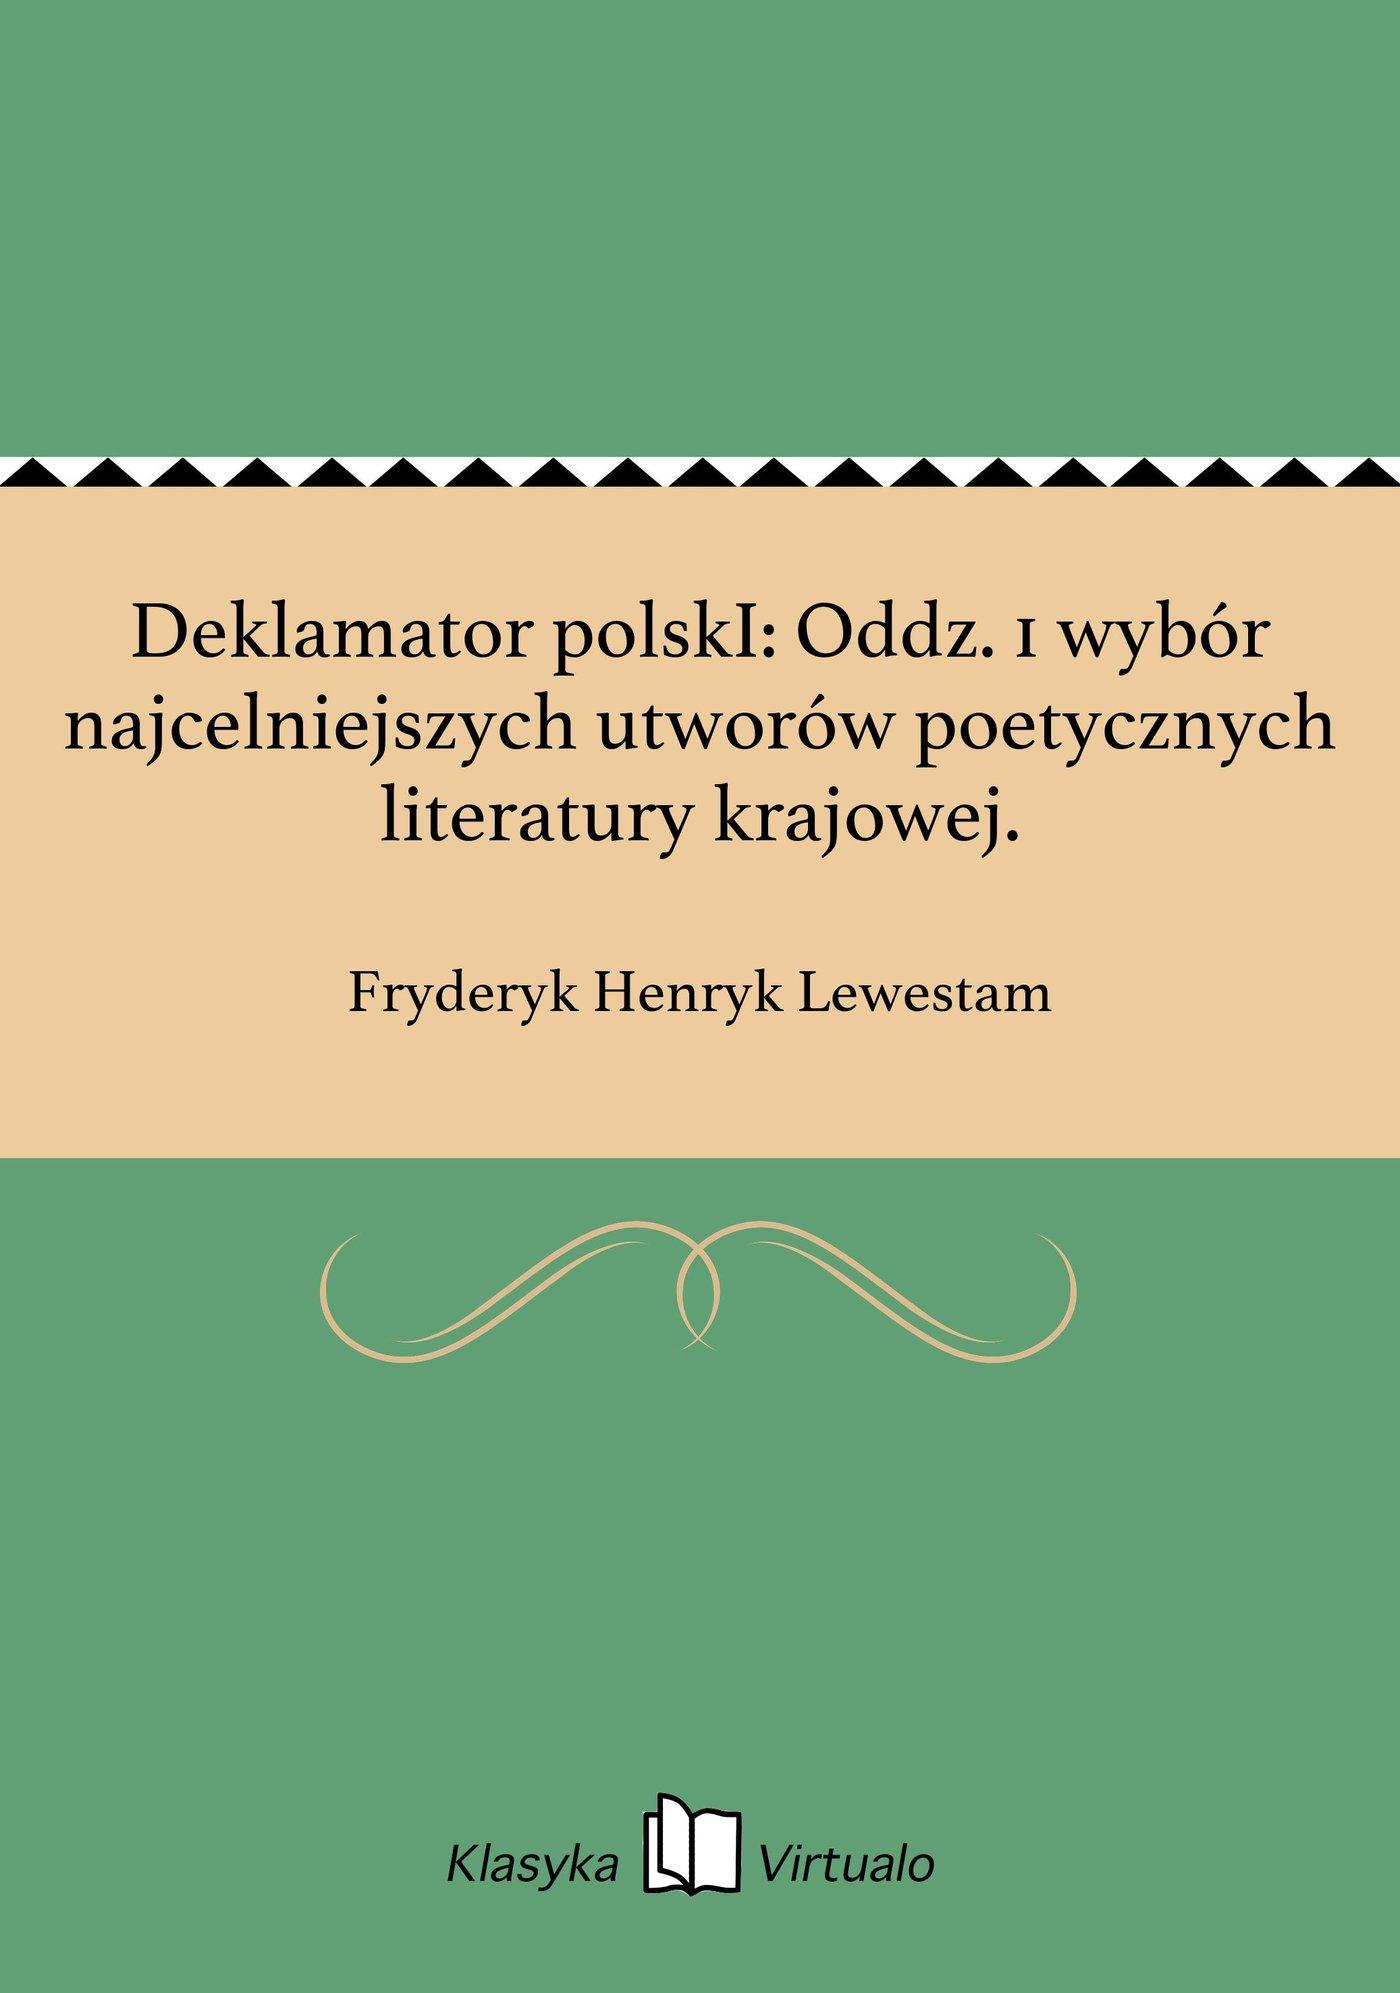 Deklamator polskI: Oddz. 1 wybór najcelniejszych utworów poetycznych literatury krajowej. - Ebook (Książka EPUB) do pobrania w formacie EPUB